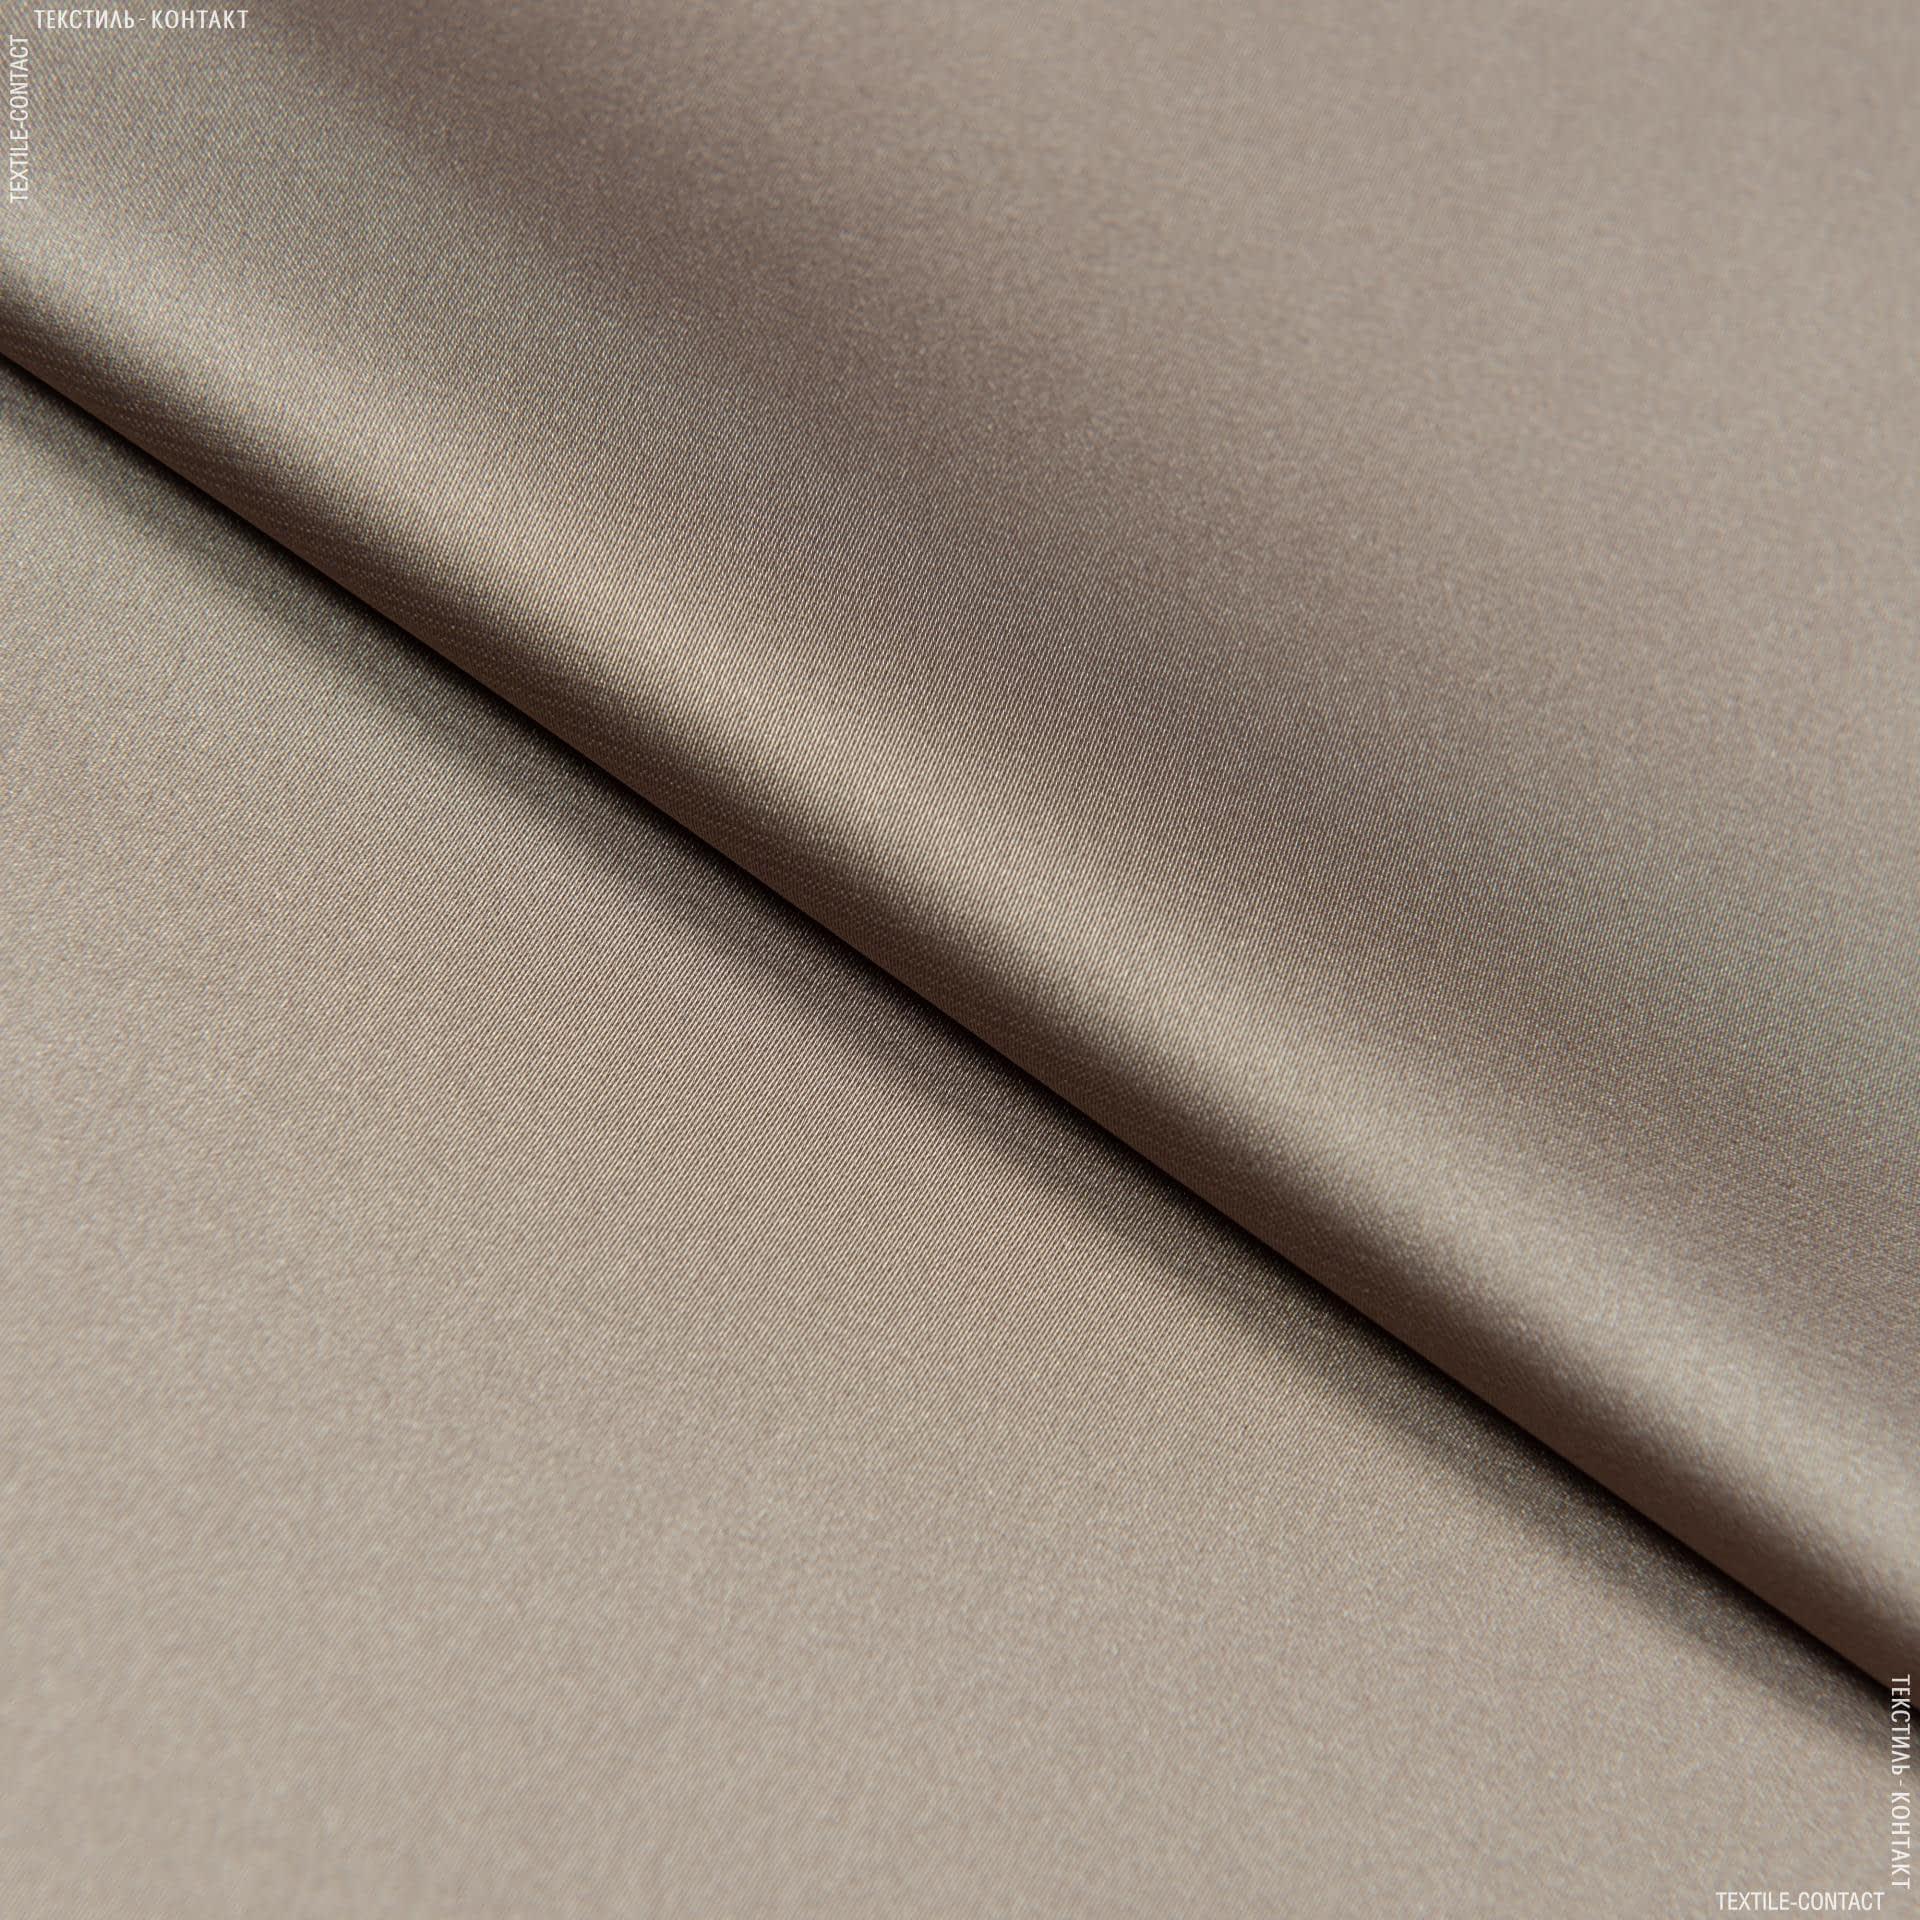 Ткани для платьев - Шелк искусственный стрейч палевый